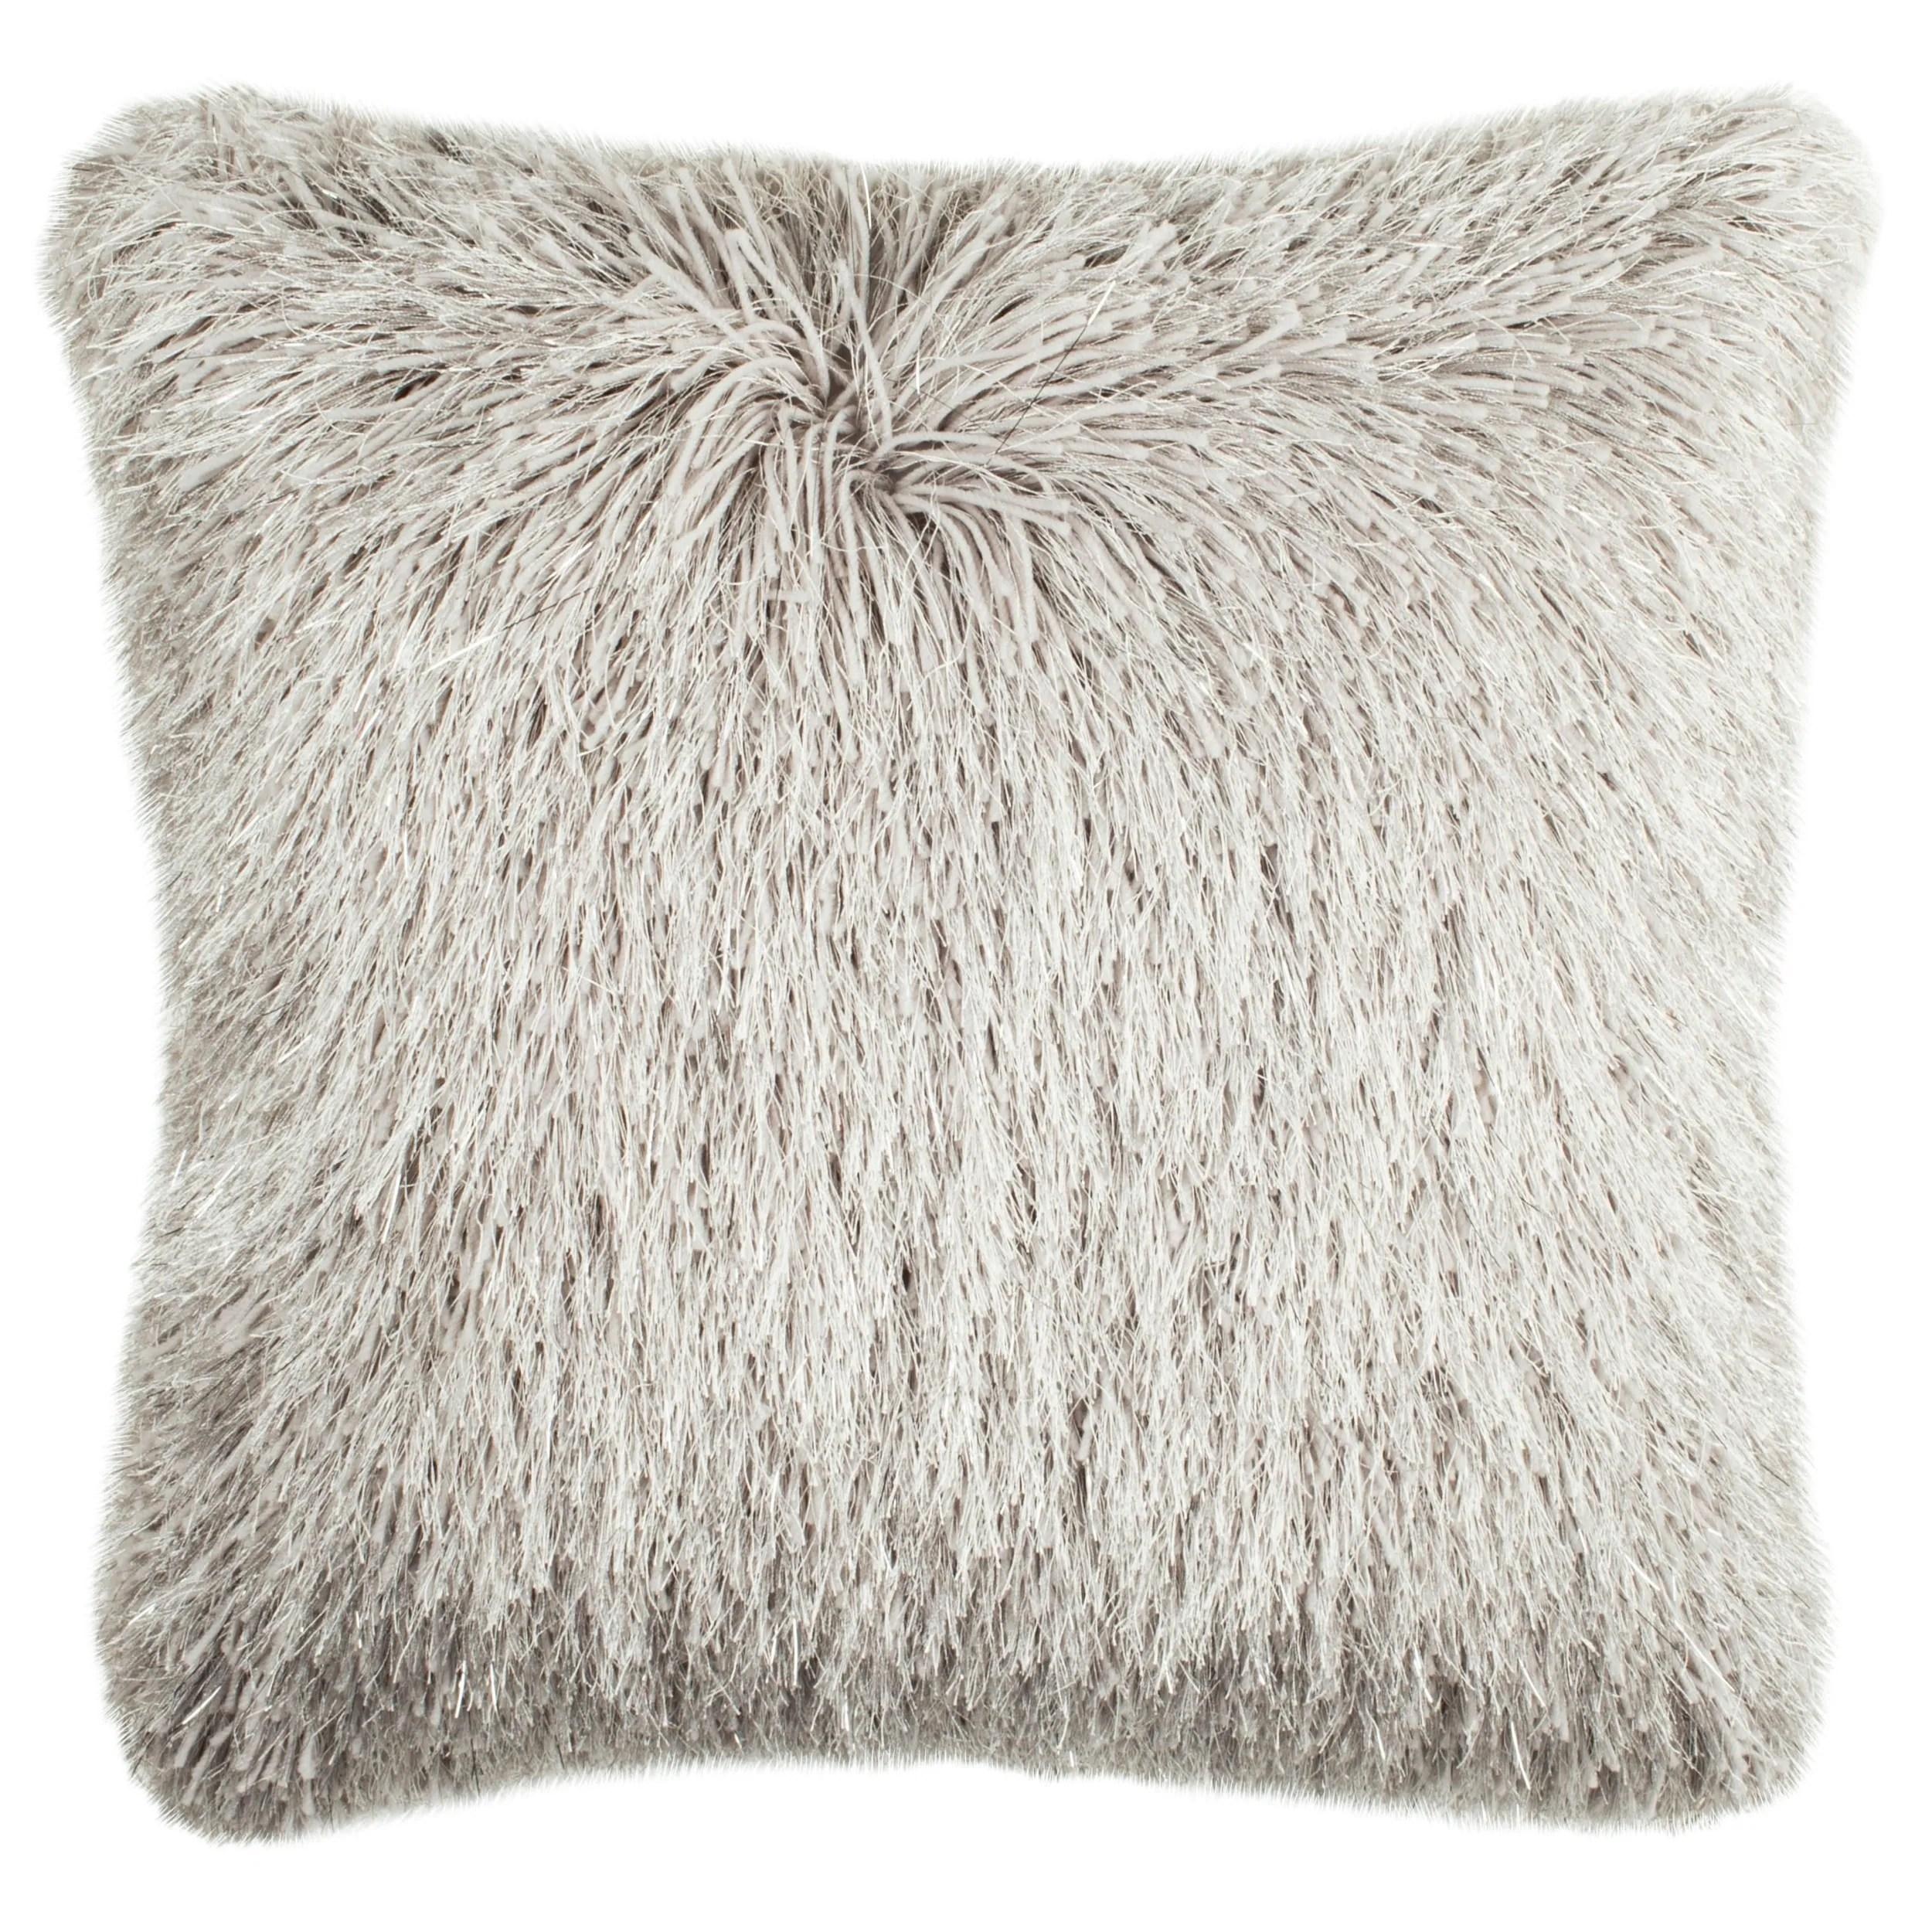 gray shag pillow online